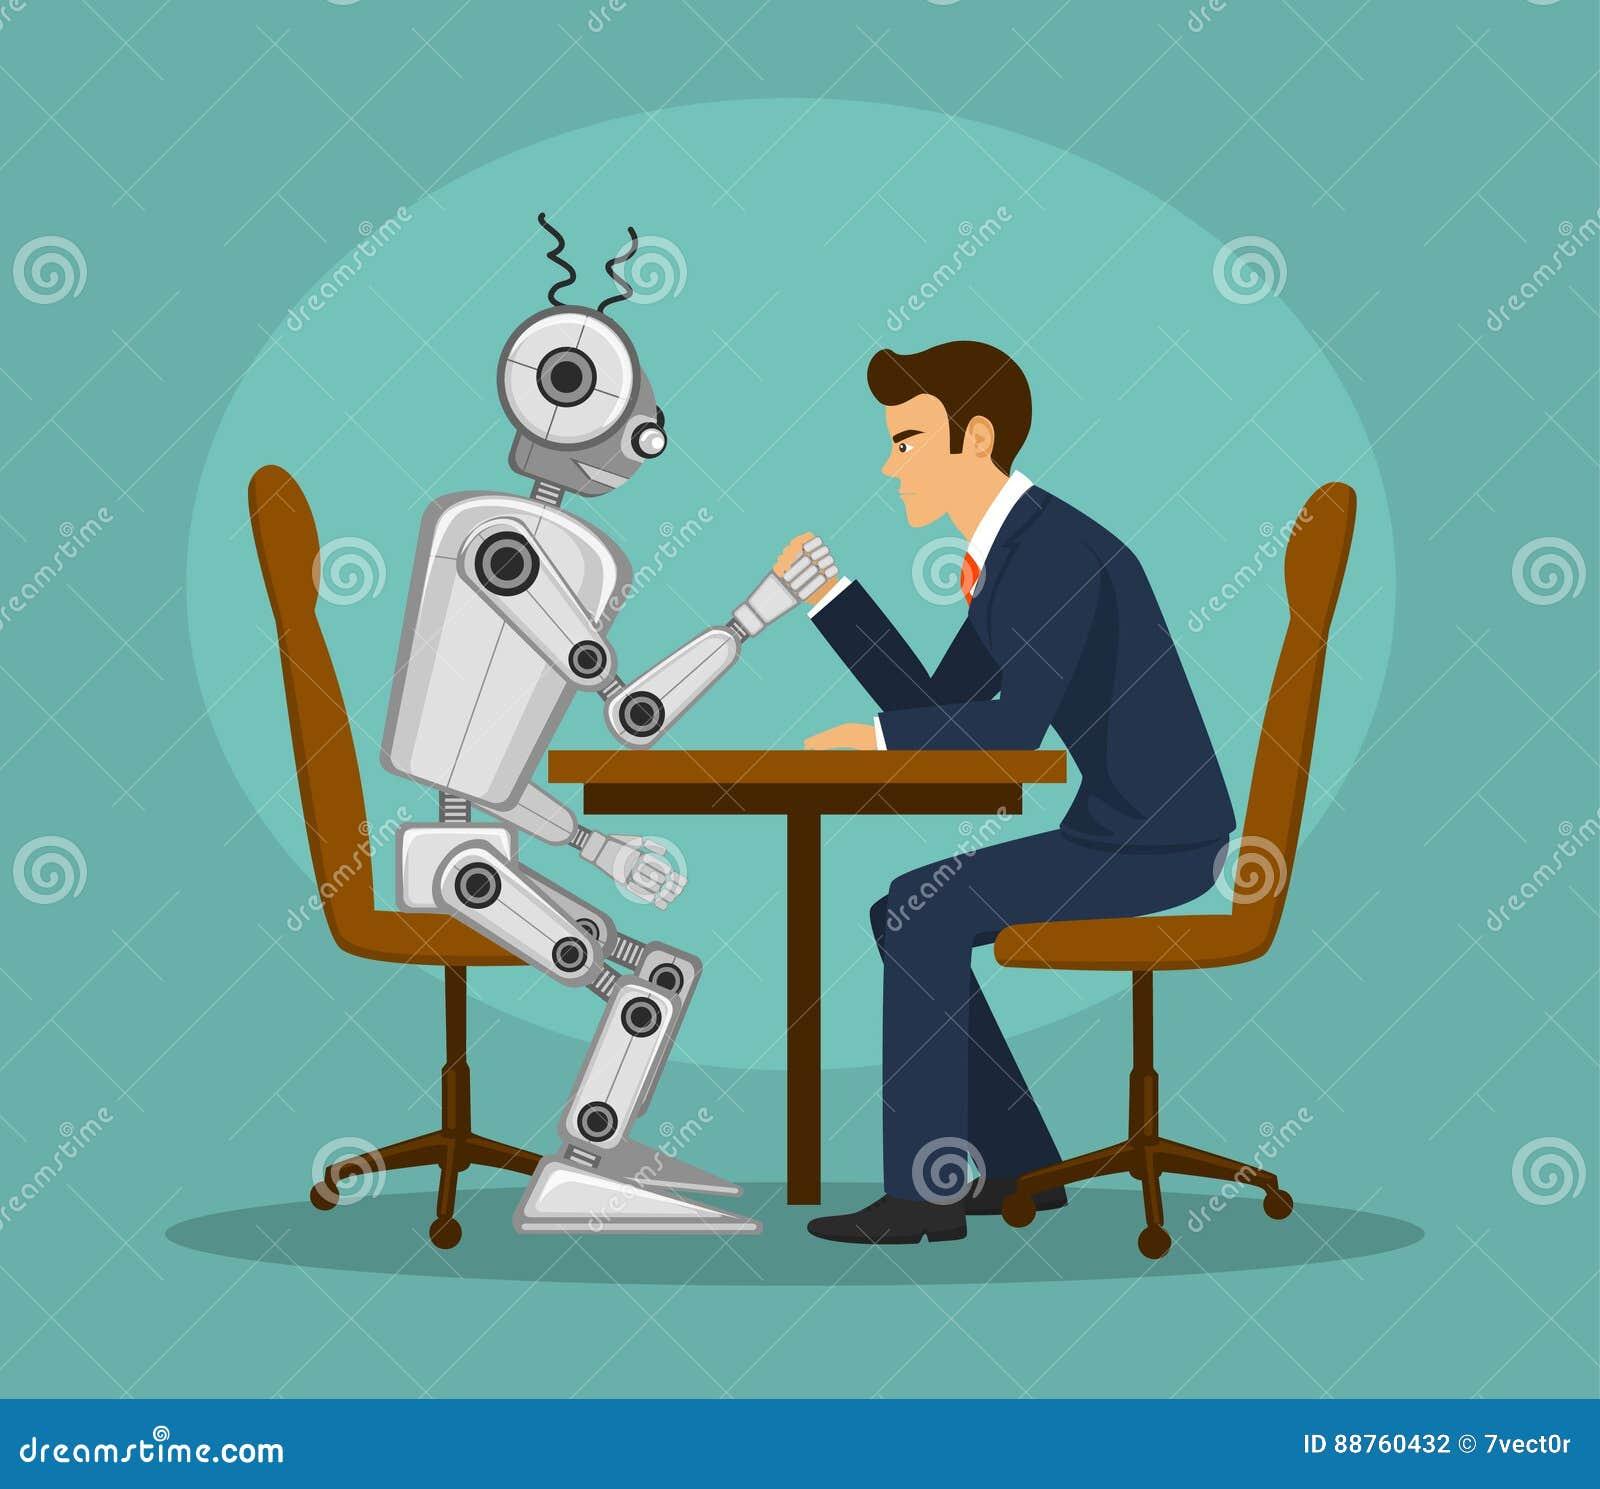 Pulso divertido del robot y del hombre de negocios, luchando inteligencia artificial contra la competencia humana